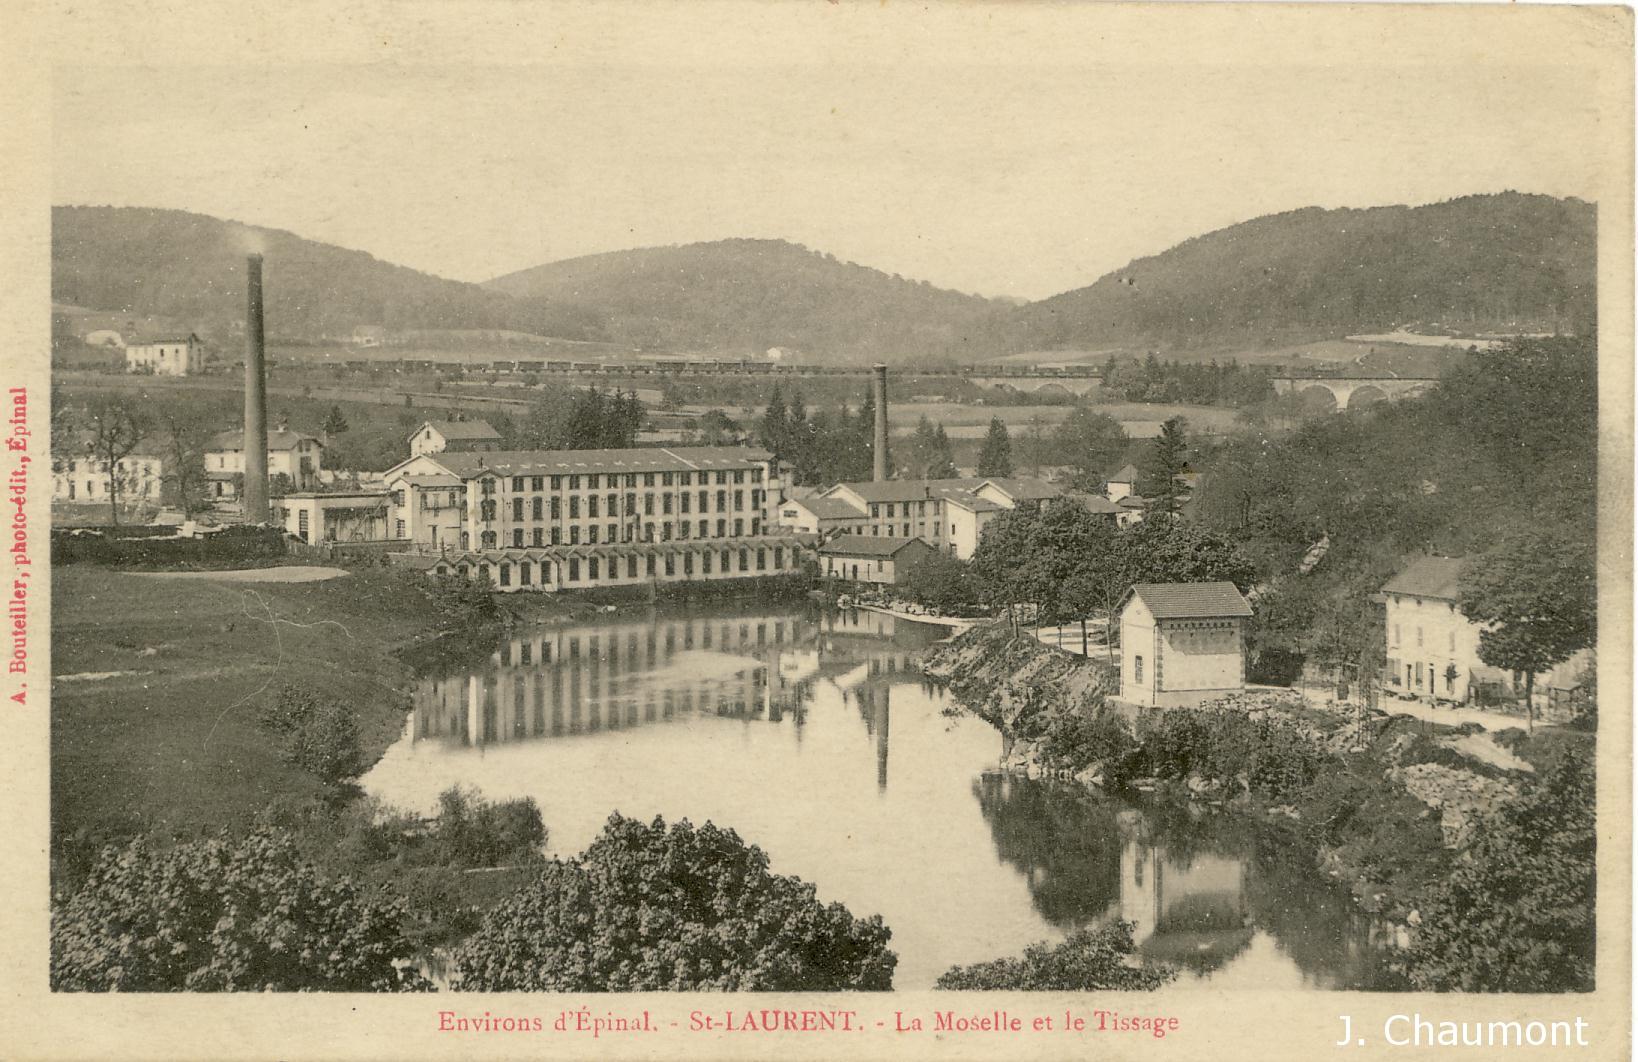 La Moselle et le Tissage